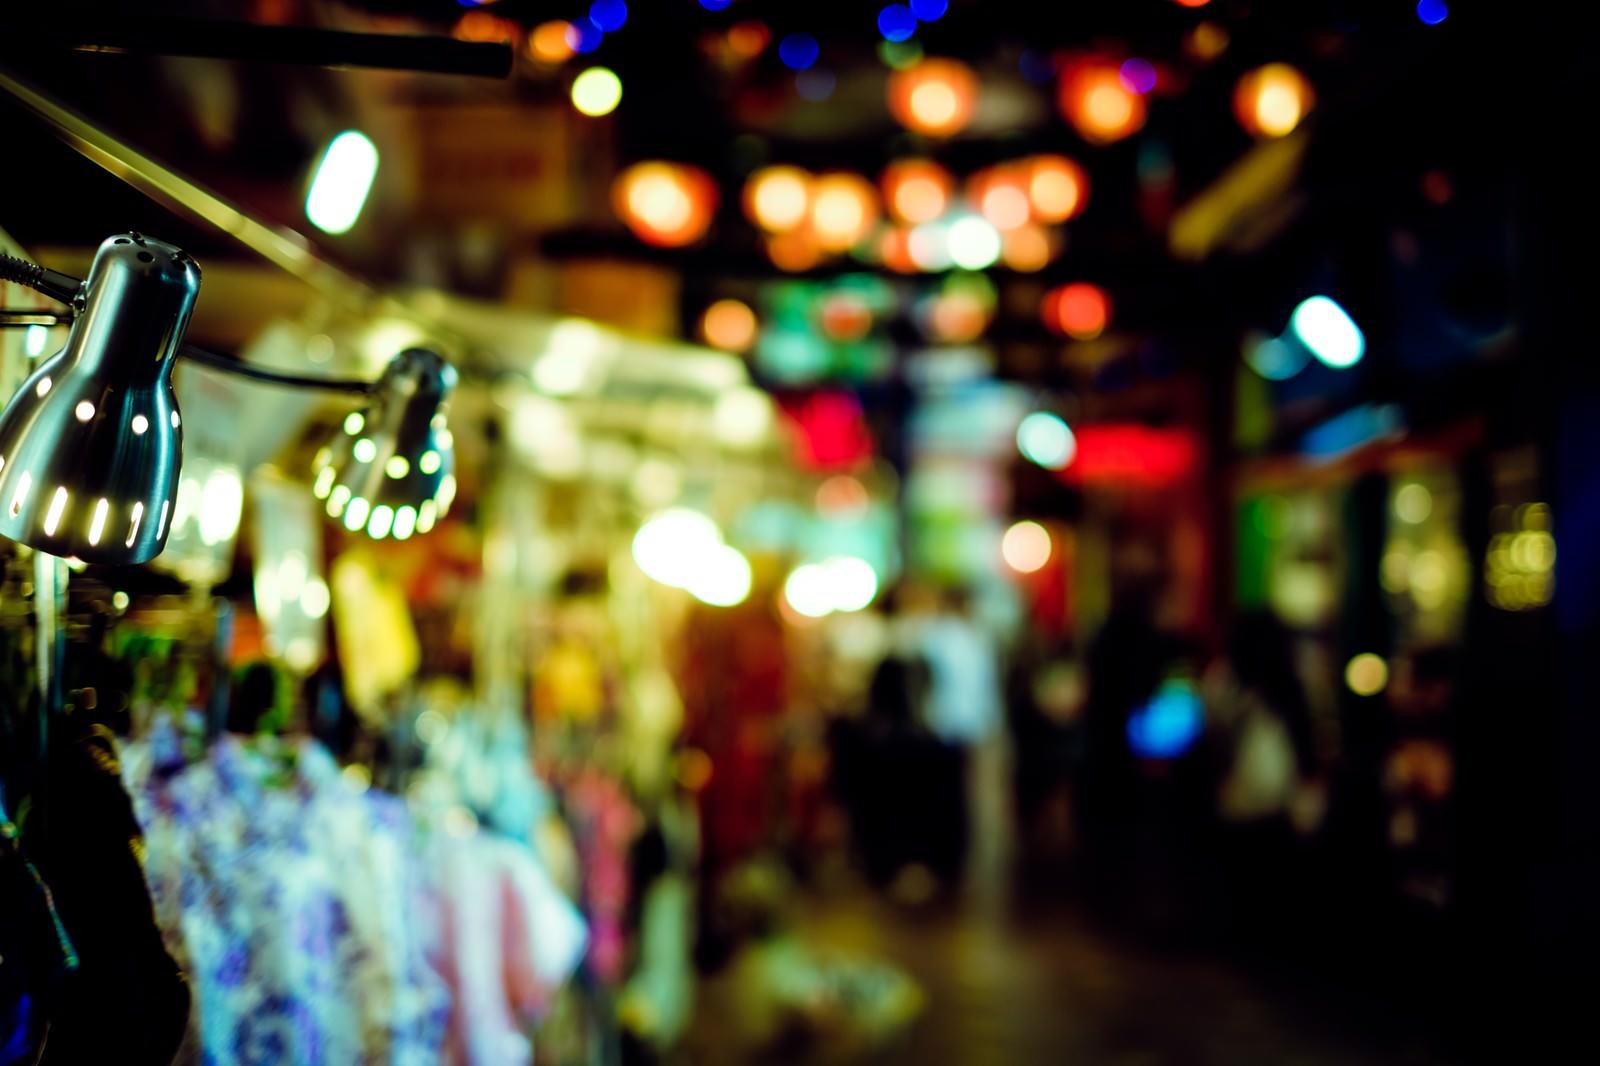 「眠らない路地裏の明かり眠らない路地裏の明かり」のフリー写真素材を拡大